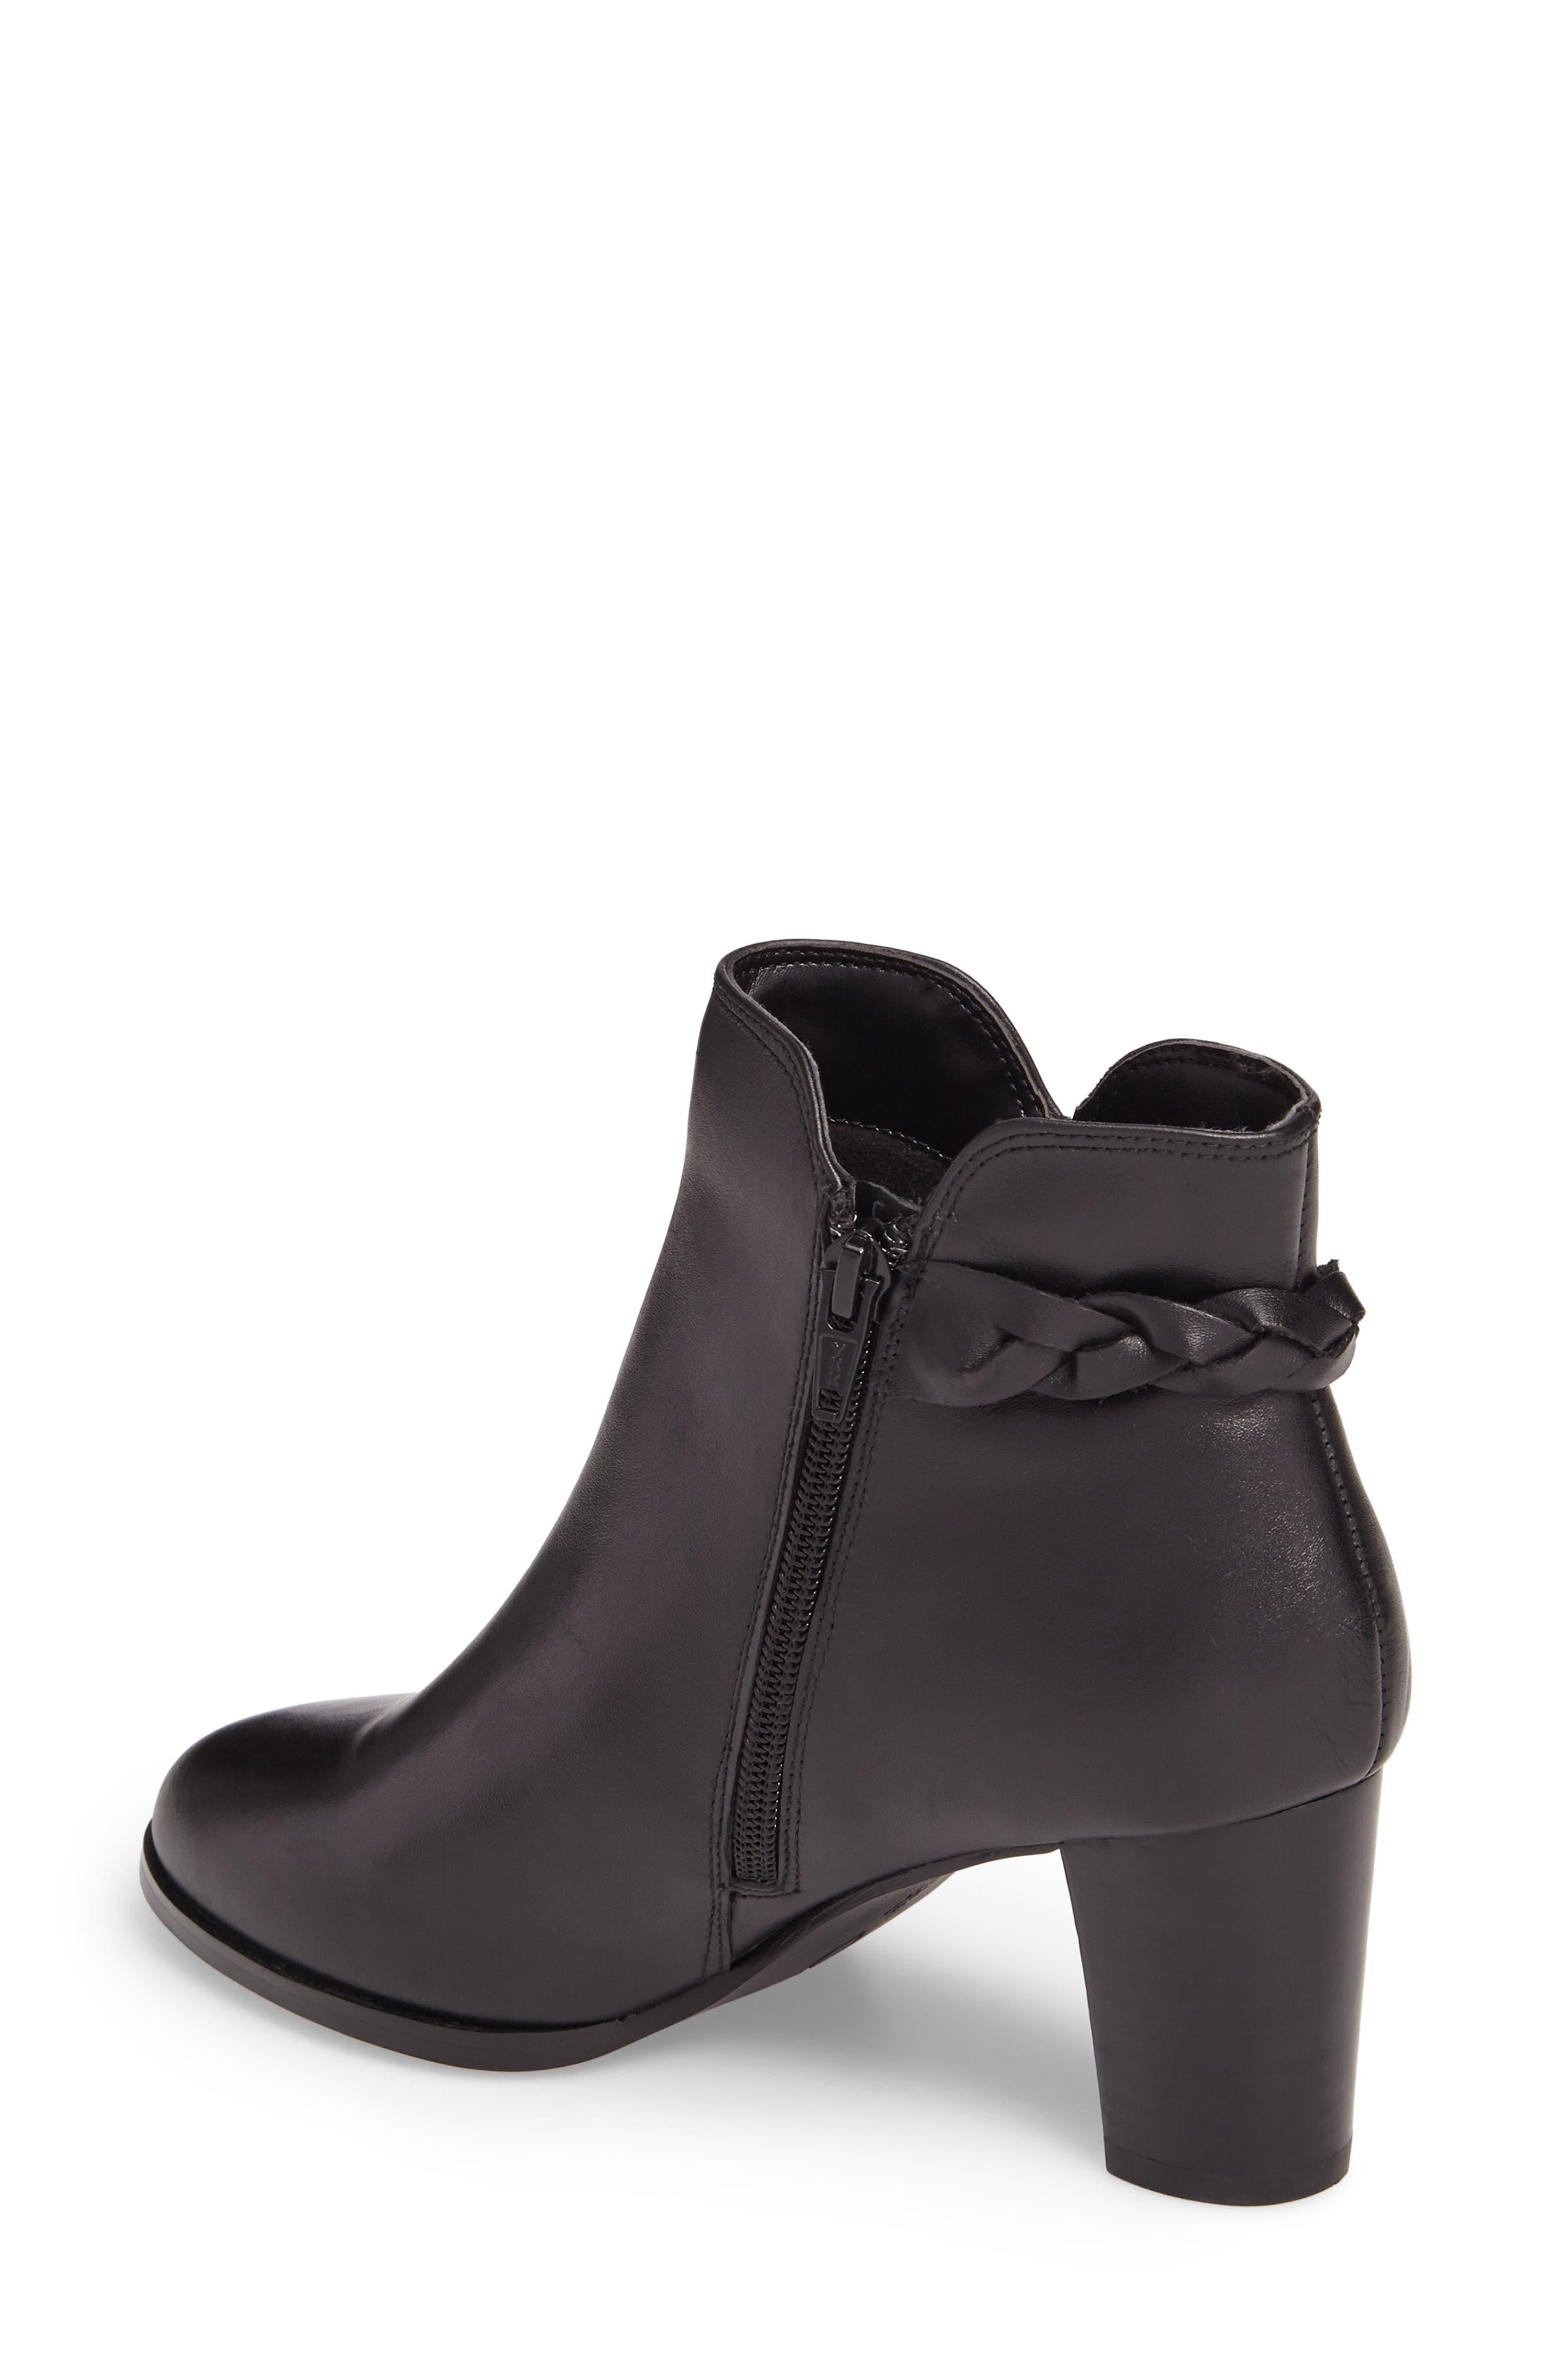 Doran Bootie,                             Alternate thumbnail 2, color,                             Black Leather